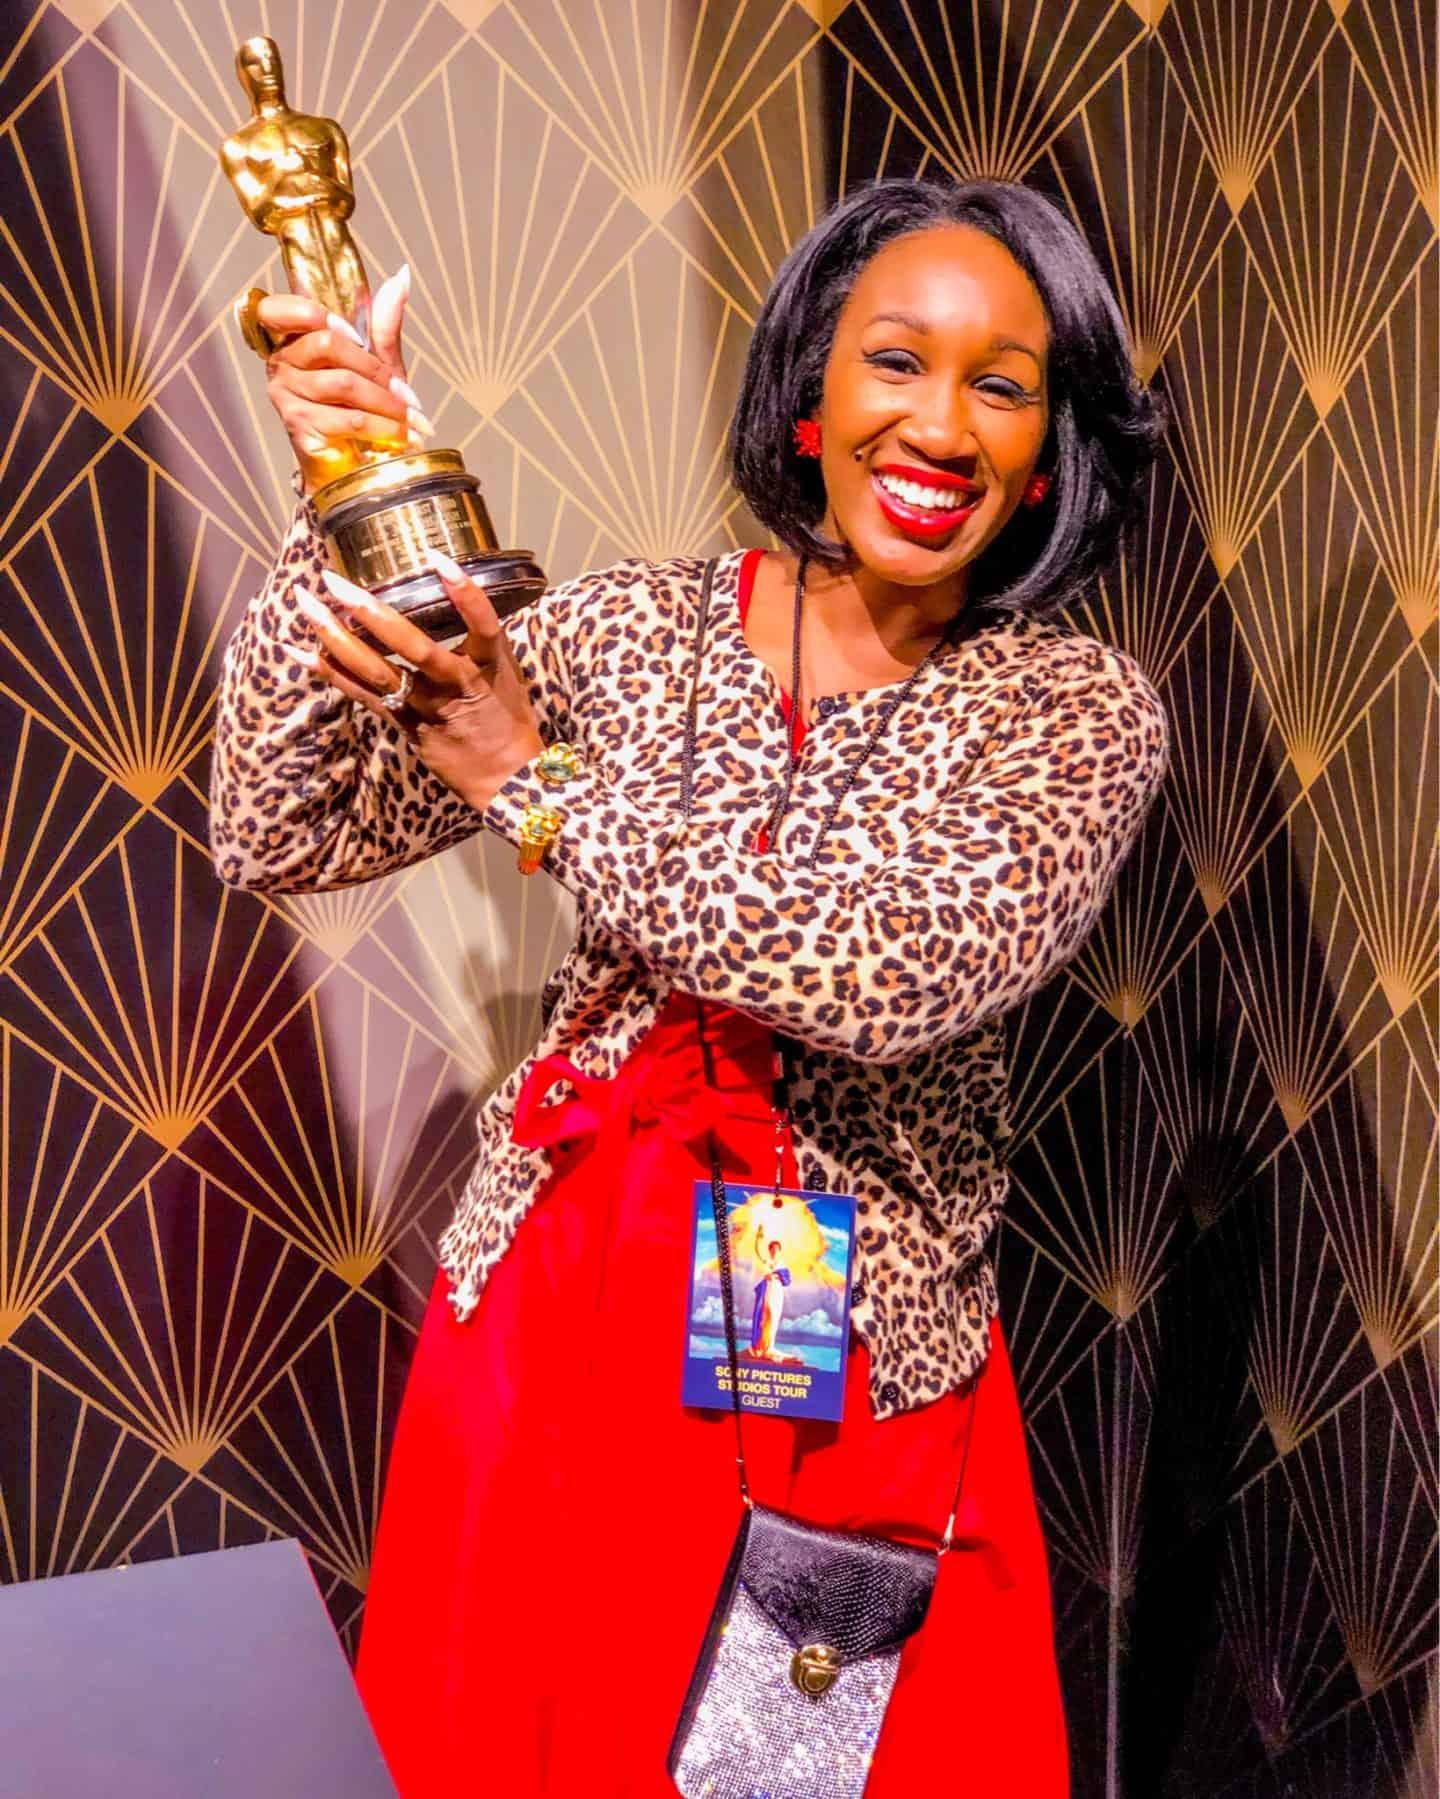 Shaunda Necole golden Oscar statue